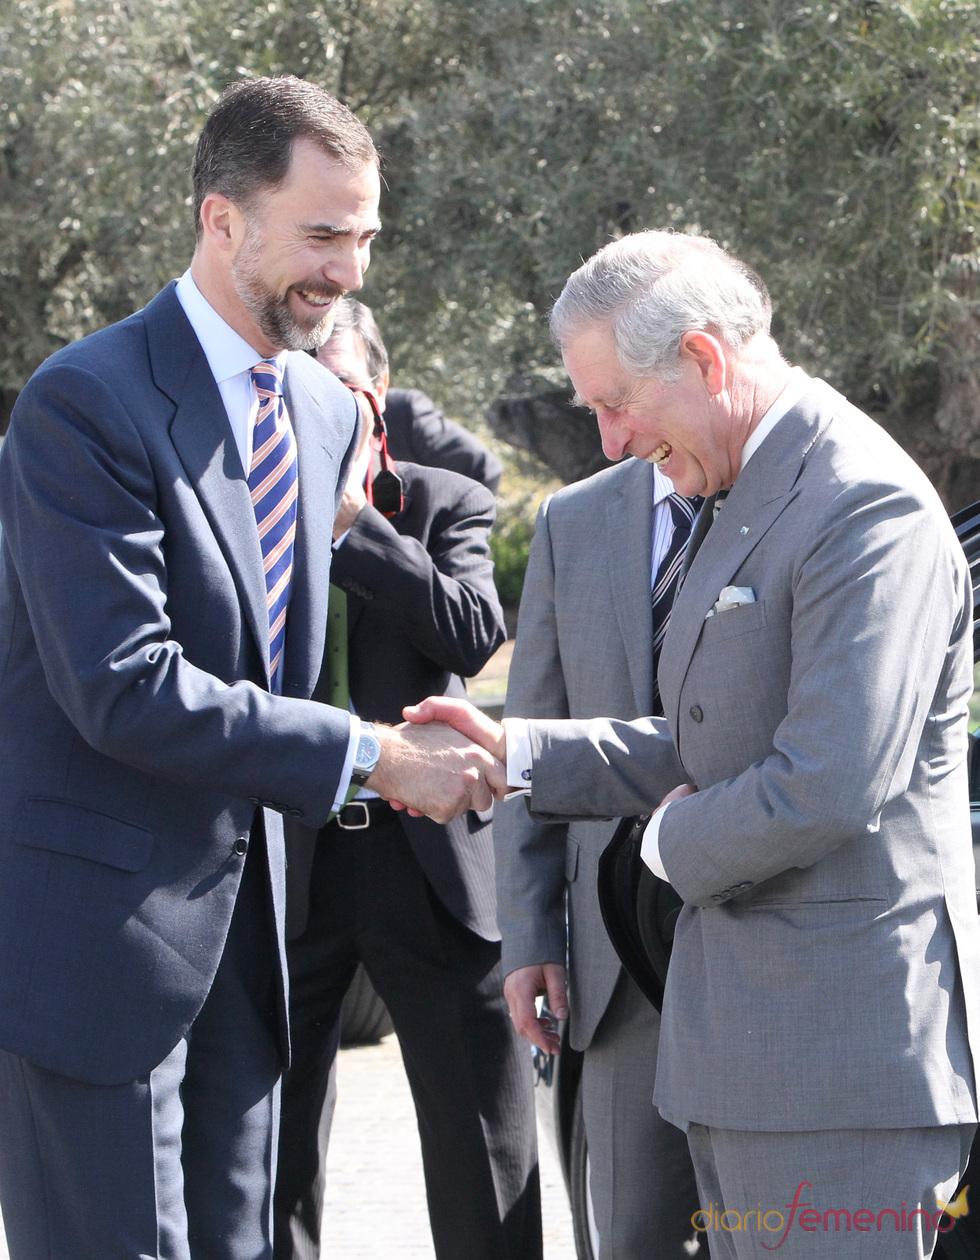 El Príncipe de Asturias y el Príncipe de Gales bromean en Repsol